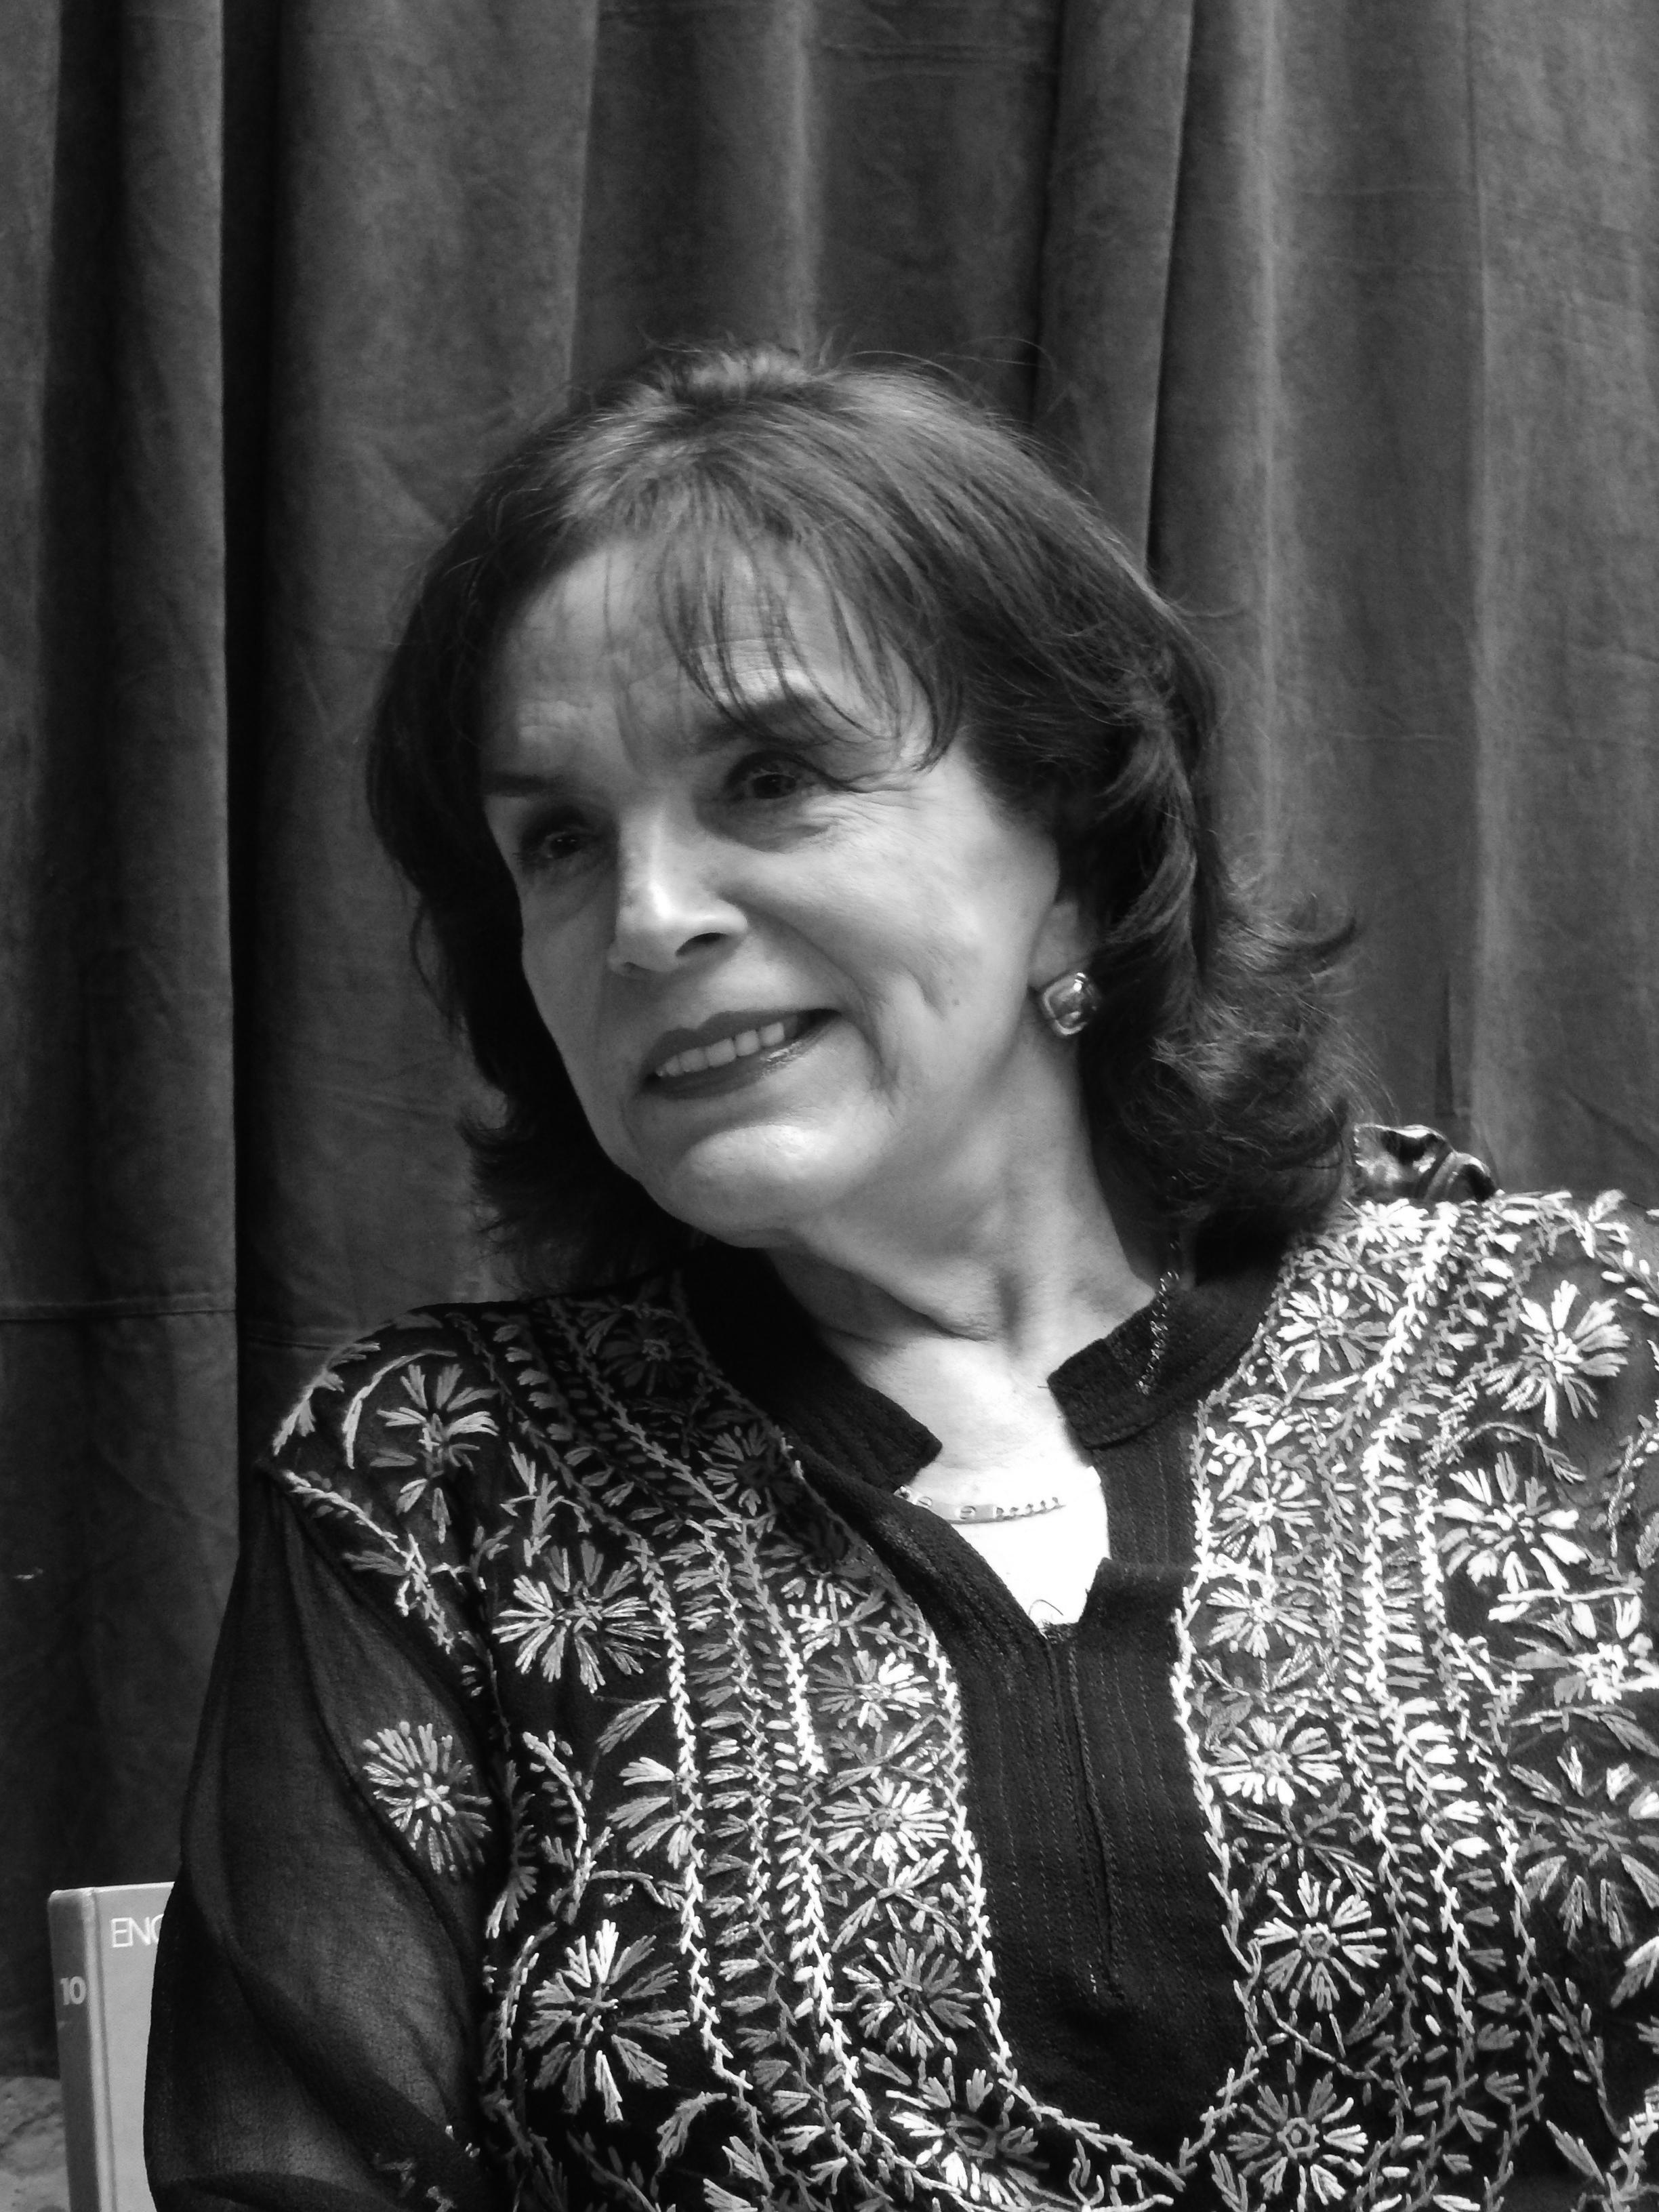 Ángela Saballos